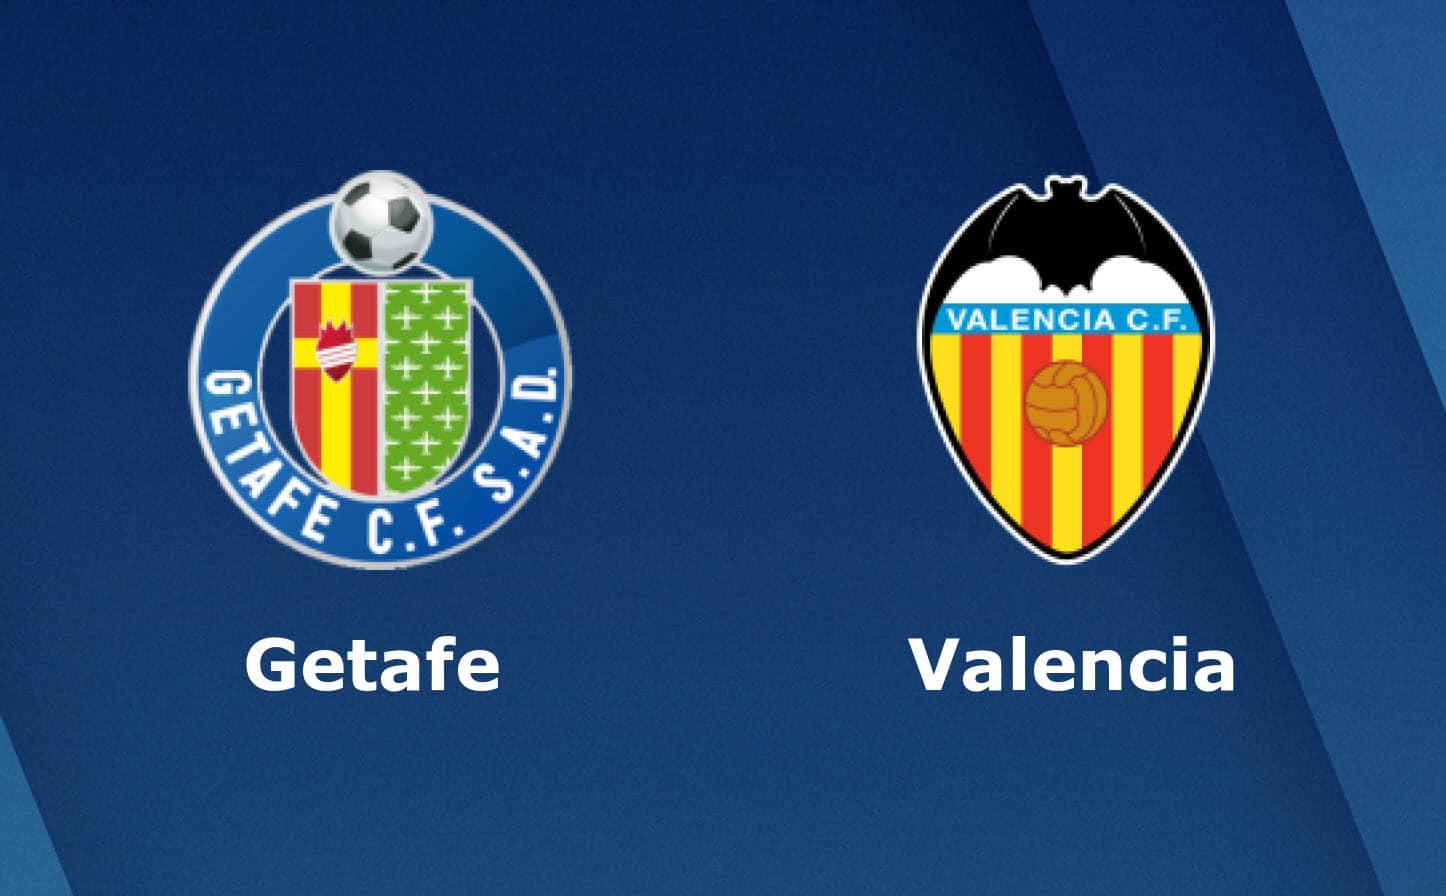 تعرف على موعد مباراة فالنسيا وخيتافي في الدوري الإسباني والقنوات الناقلة